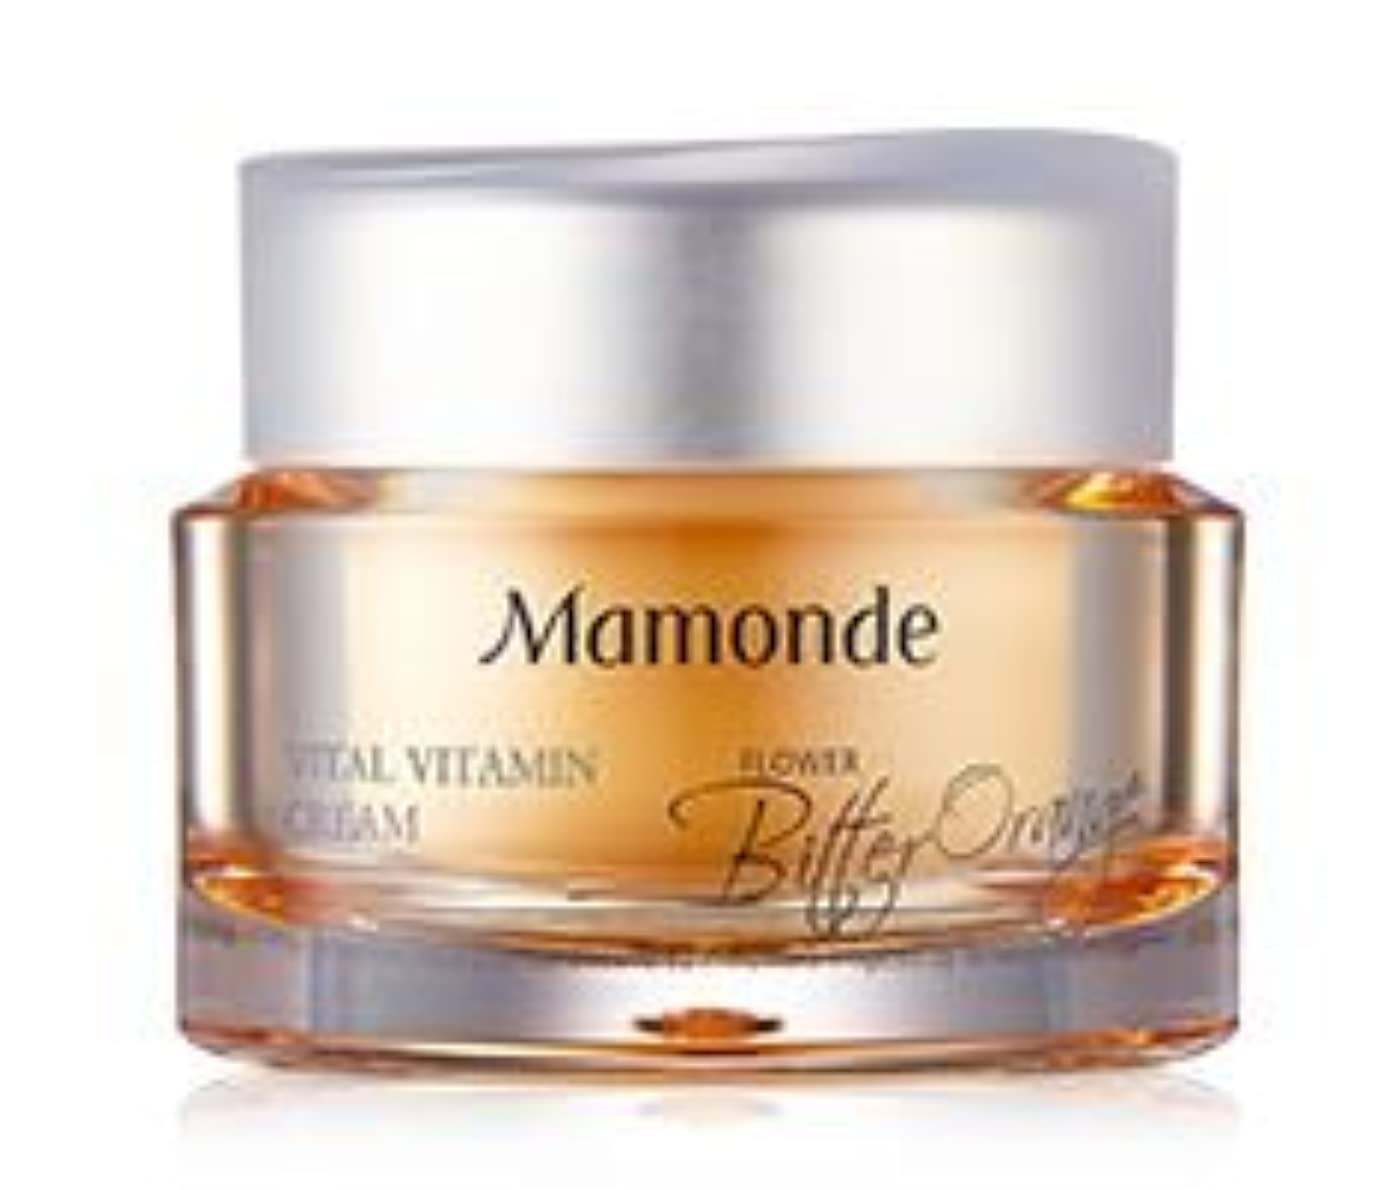 罹患率足首日焼け[Mamonde] Vital Vitamin Cream 50ml /[マモンド]バイタルビタミンクリーム50ml [並行輸入品]